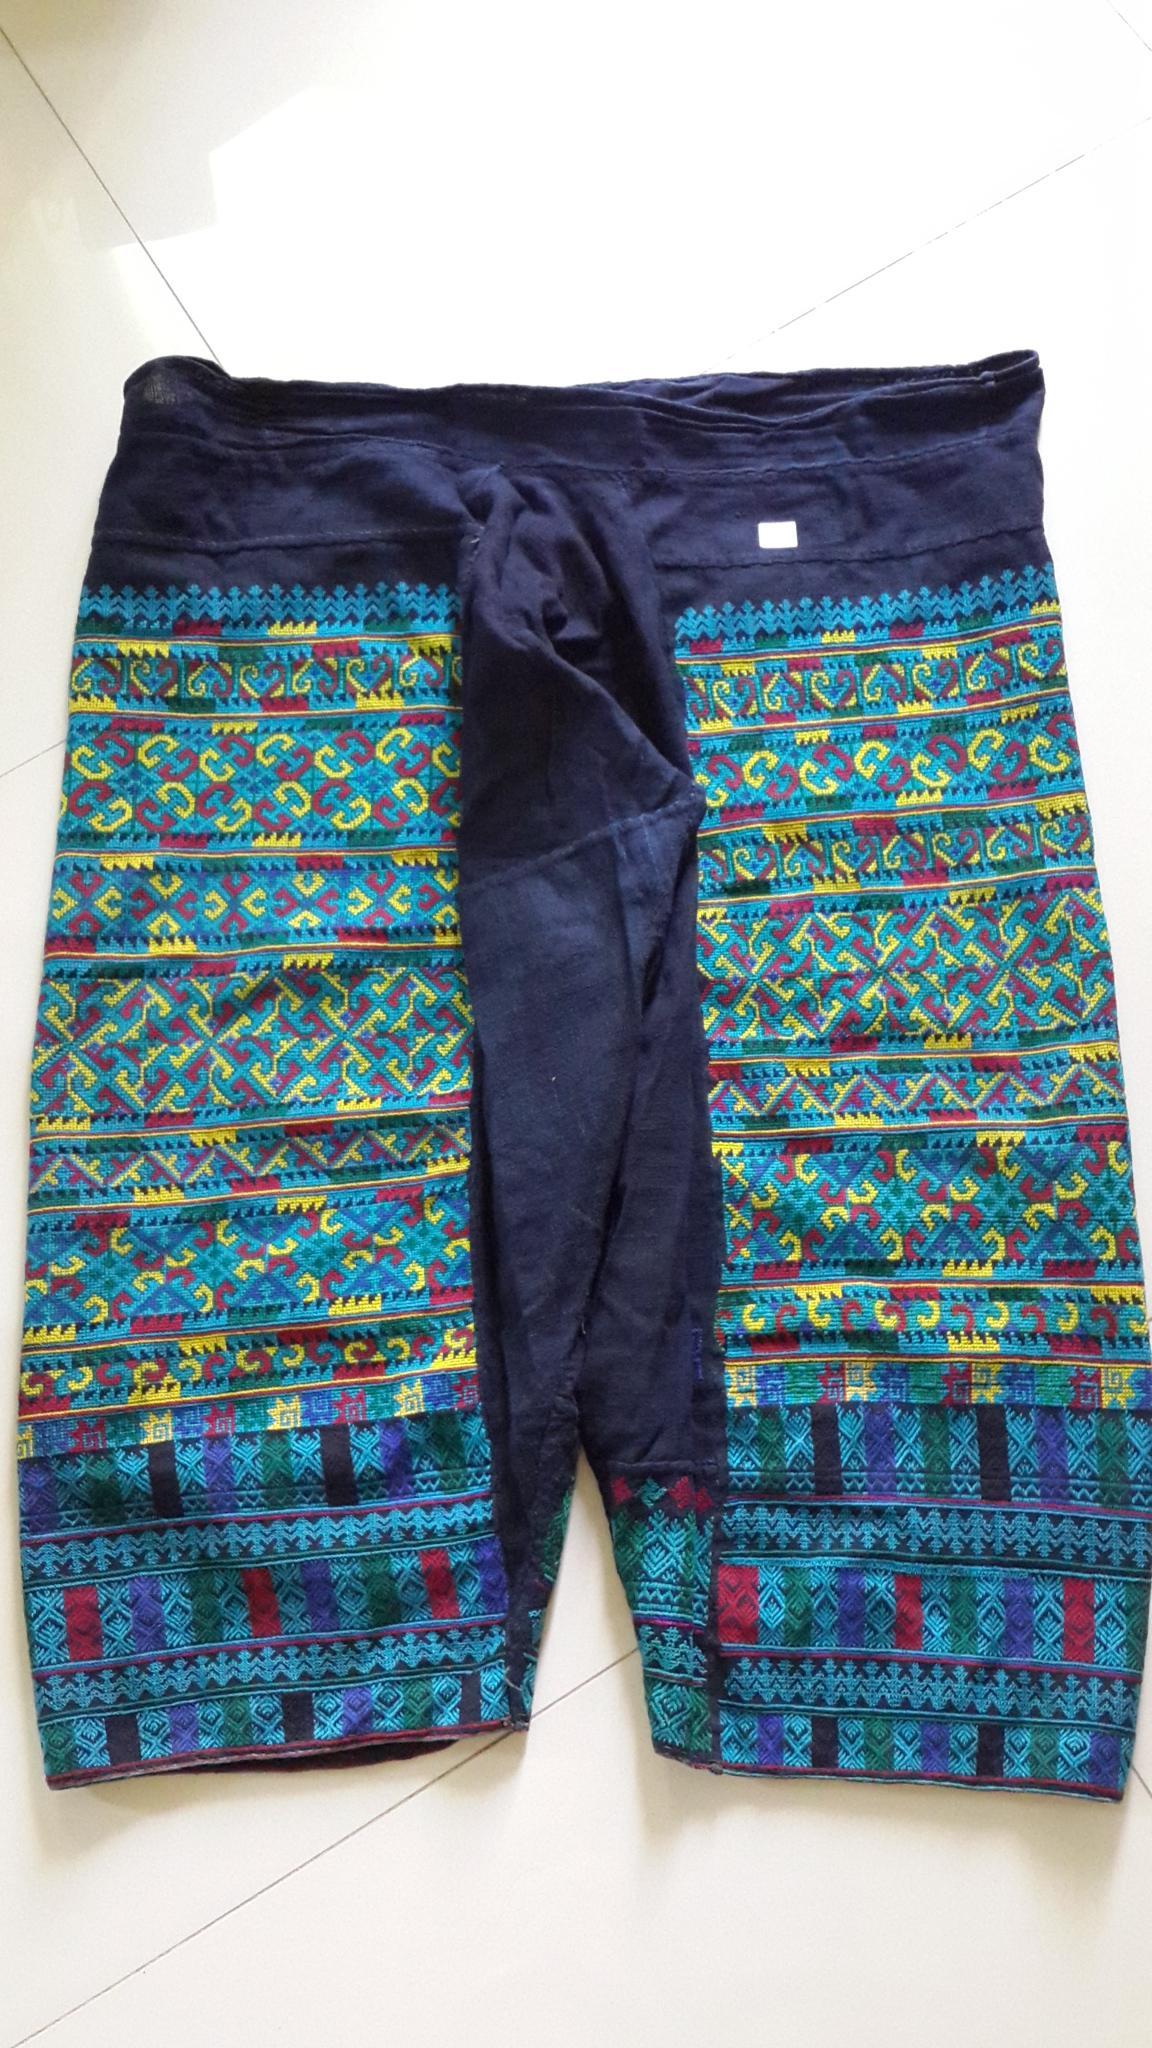 กางเกงปัก สำหรับผู้หญิง โทนสีน้ำเงินสดใส